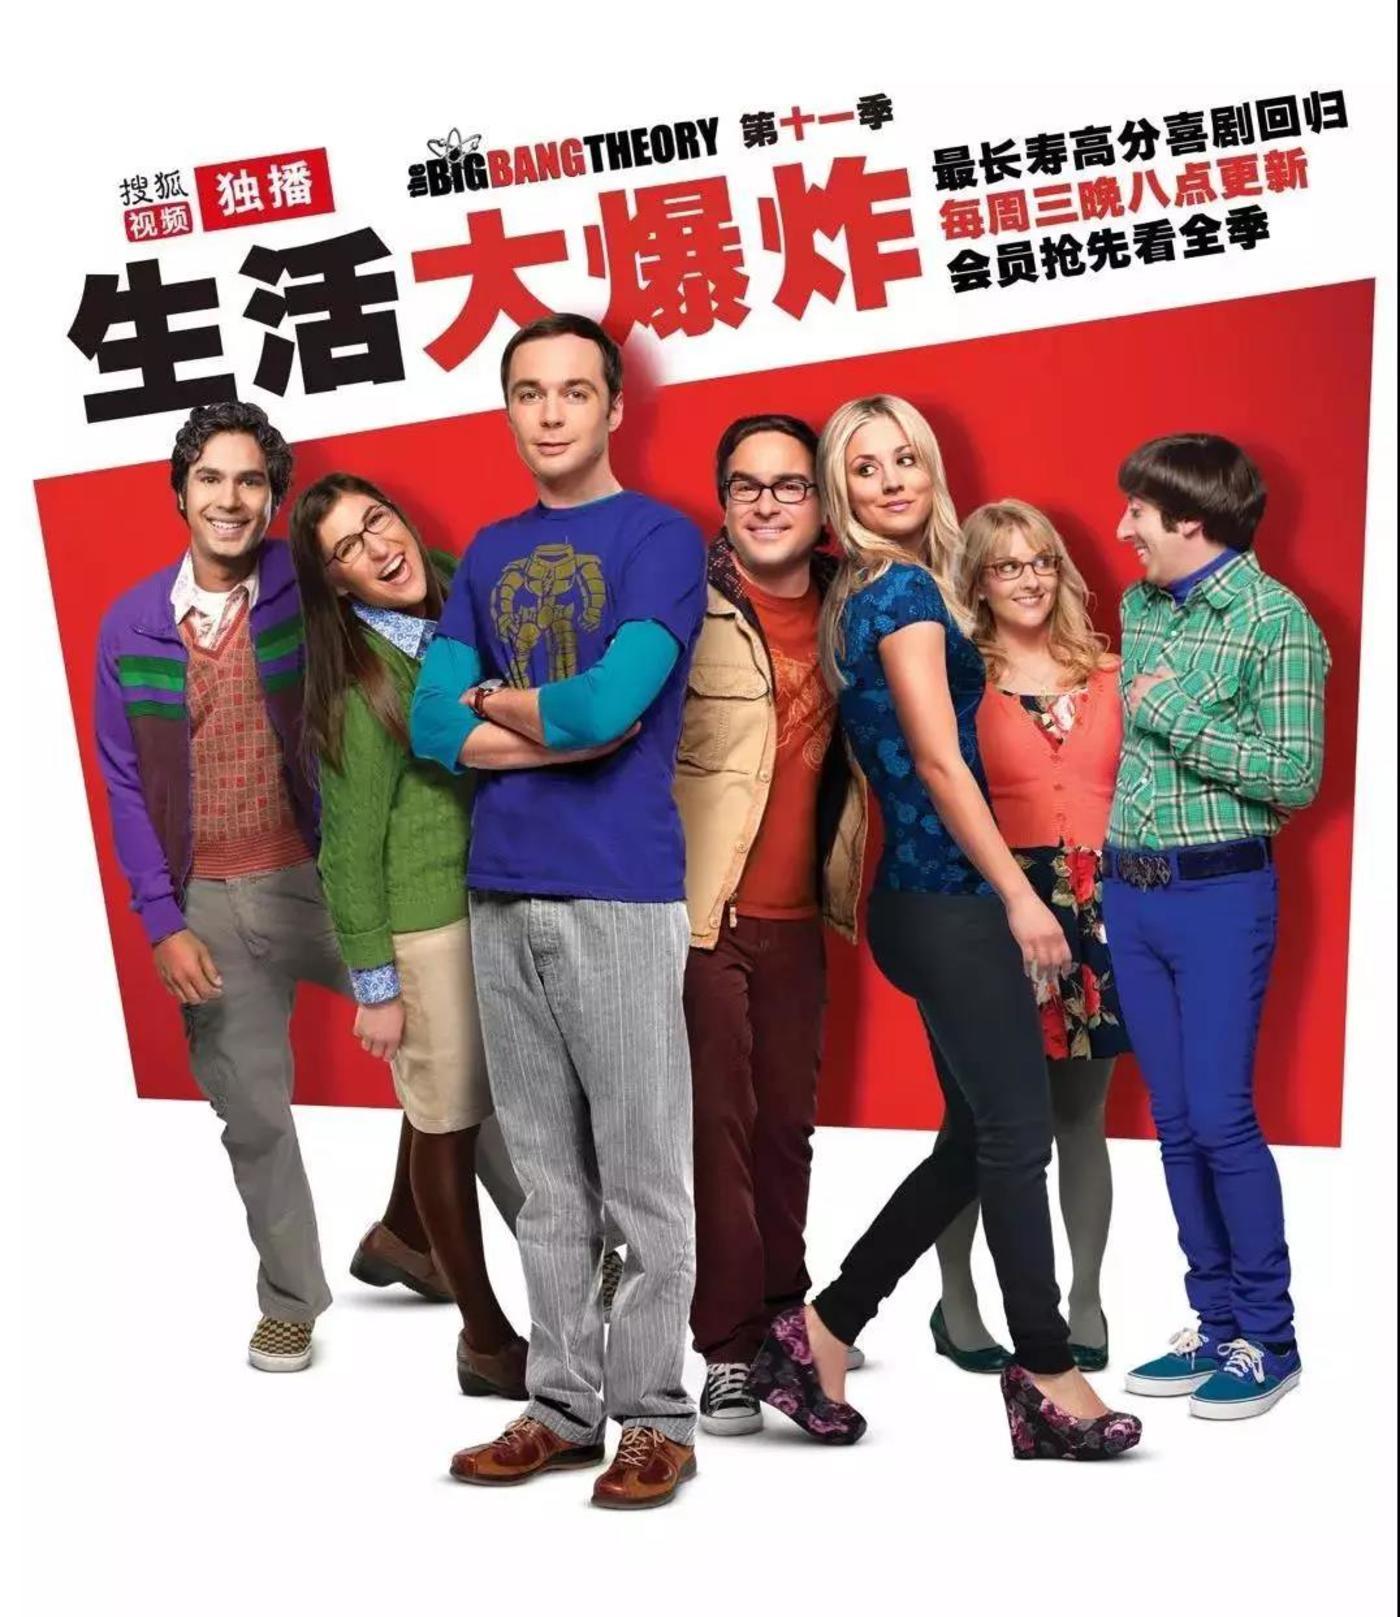 《生活大爆炸》第十一季在搜狐视频上线